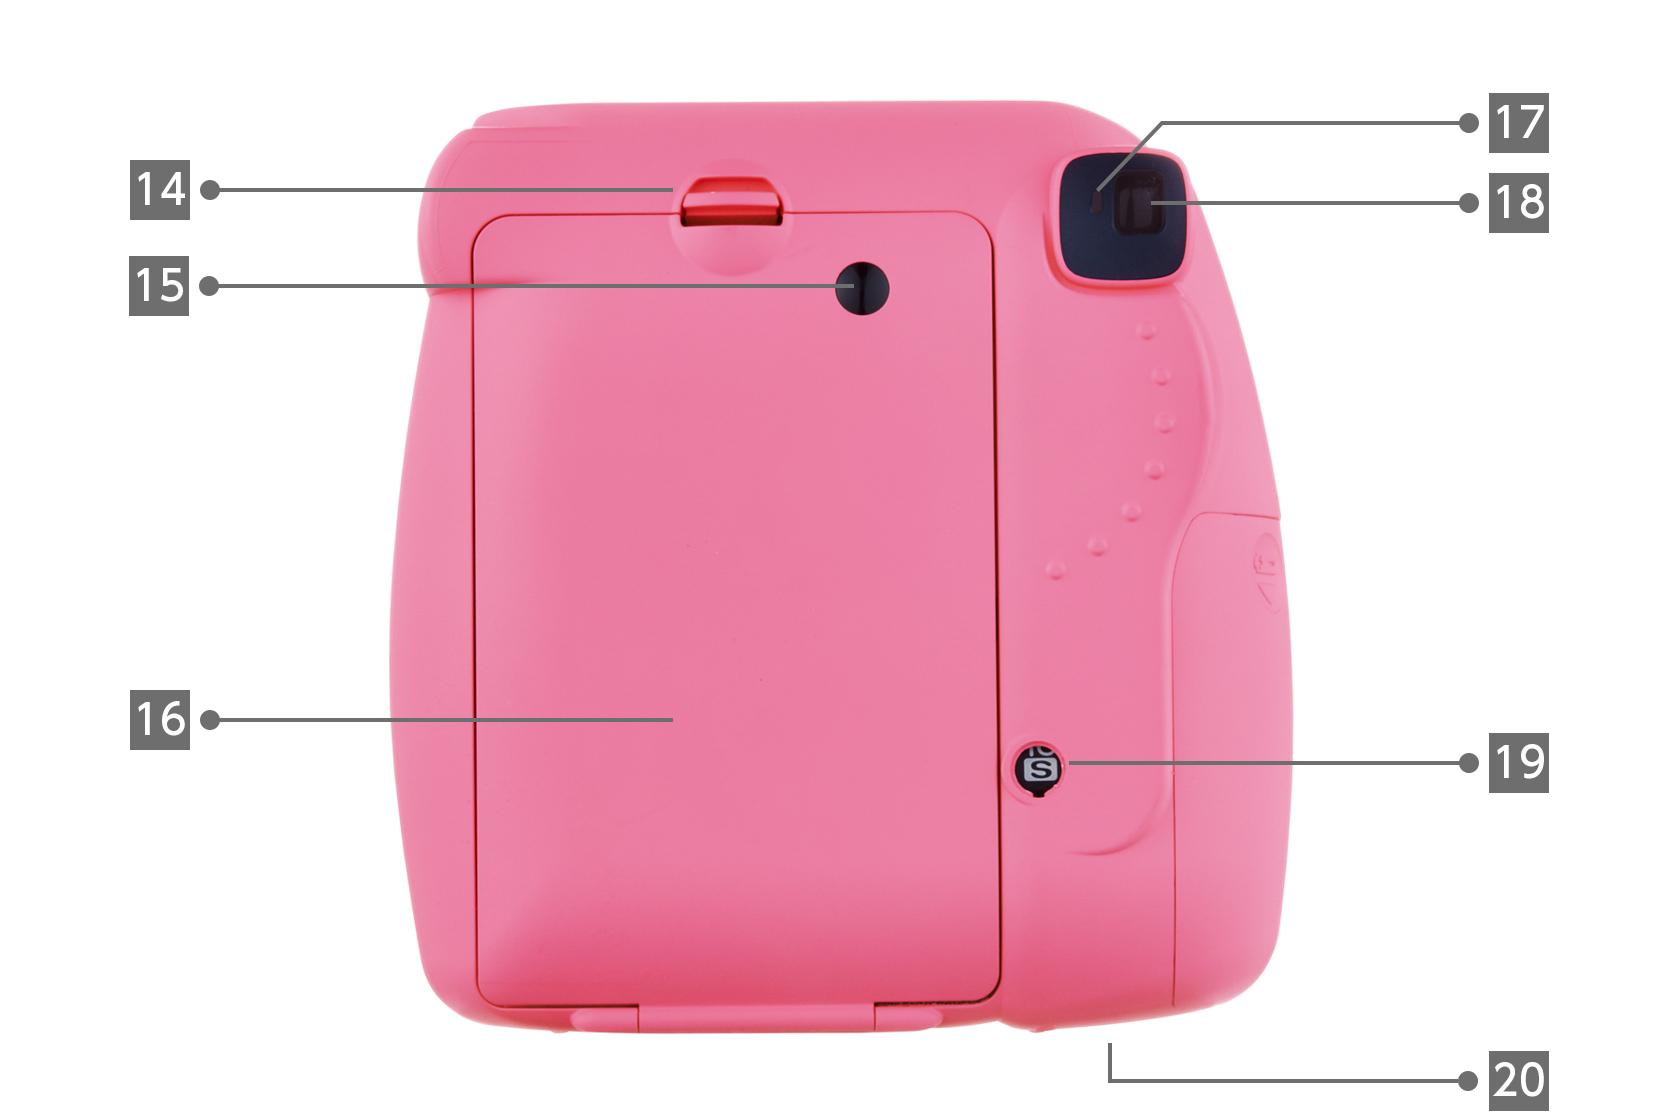 [사진] 14~20으로 표시된 다양한 구성품이 있는 핑크 인스탁스 미니 9 카메라의 후면도